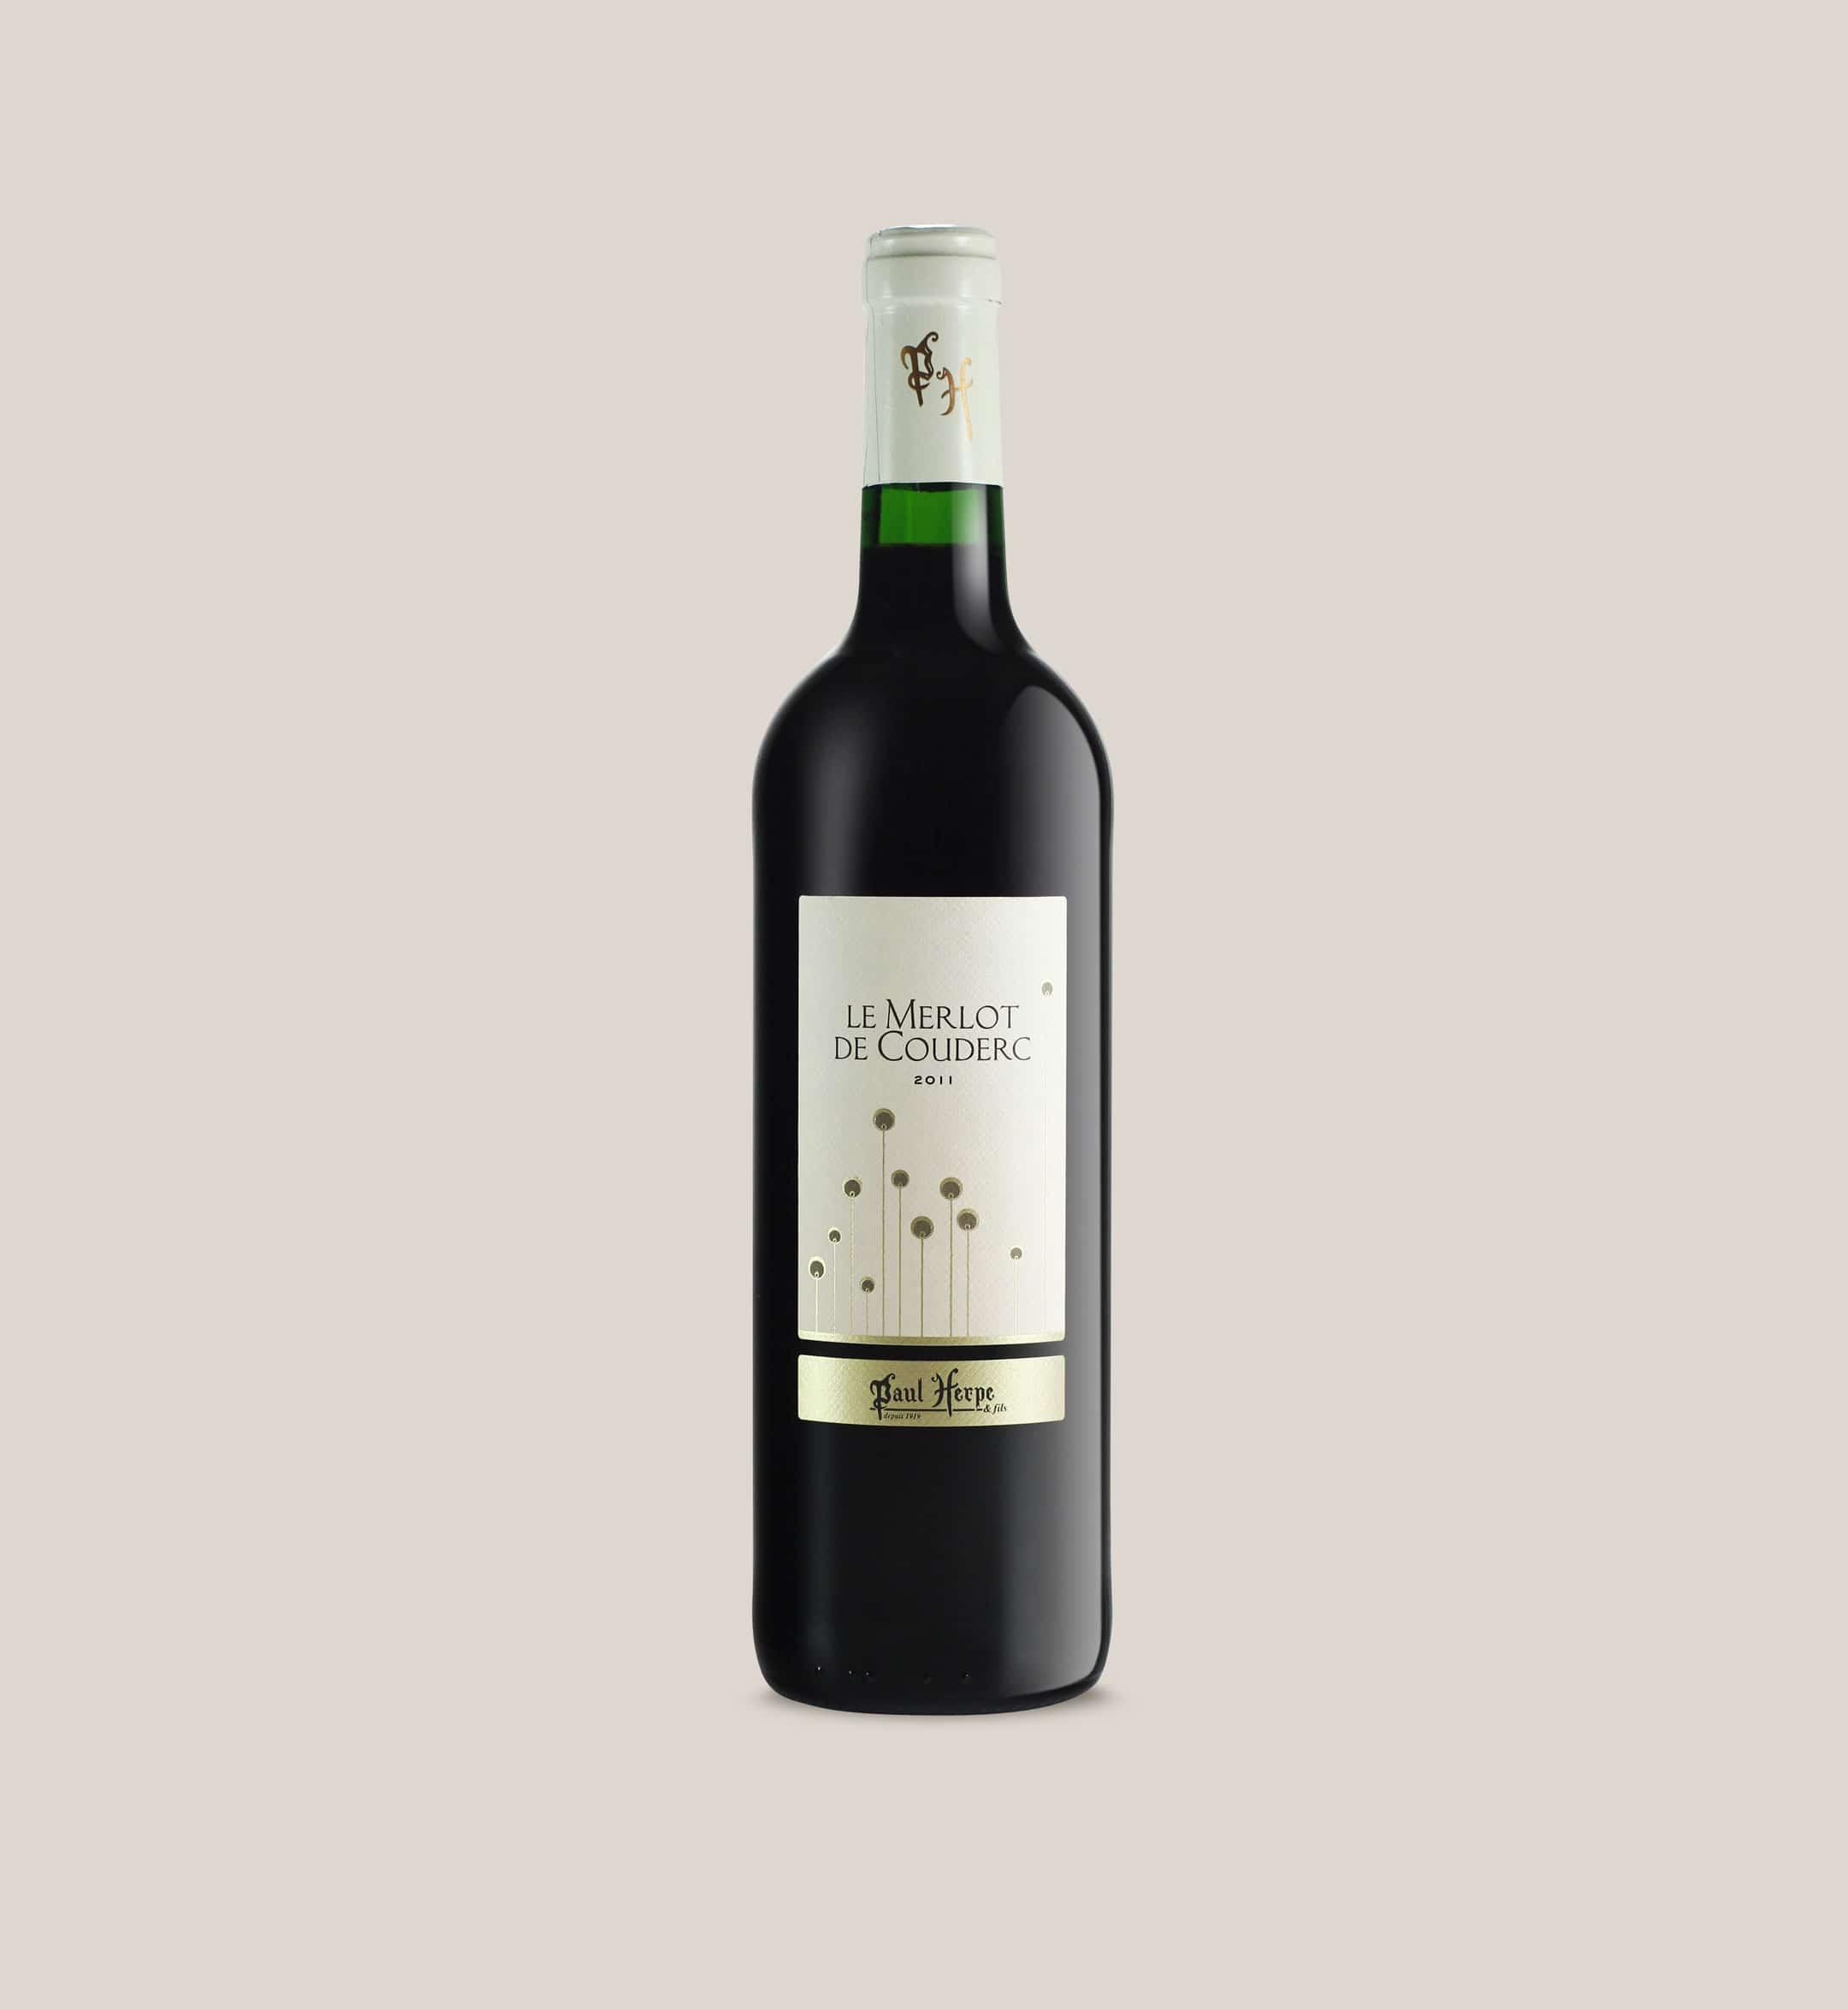 Merlot de couderc vin rouge de pays d'Oc bouteille Paul-Herpe